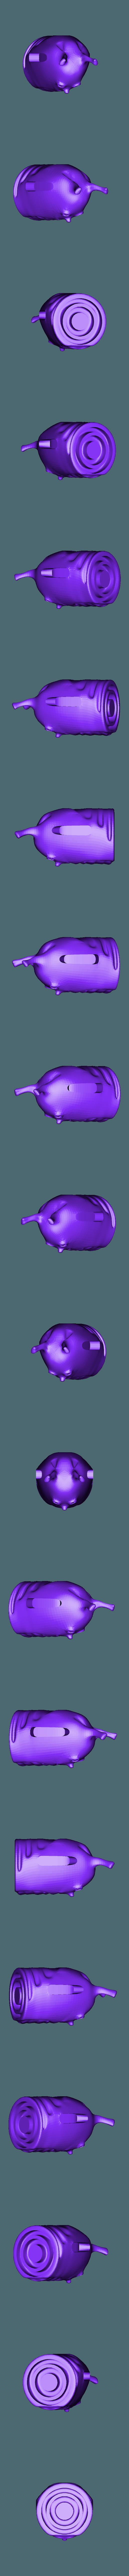 figurka_julka2.stl Télécharger fichier STL gratuit Figurine du monde enfant 2 • Modèle à imprimer en 3D, c47